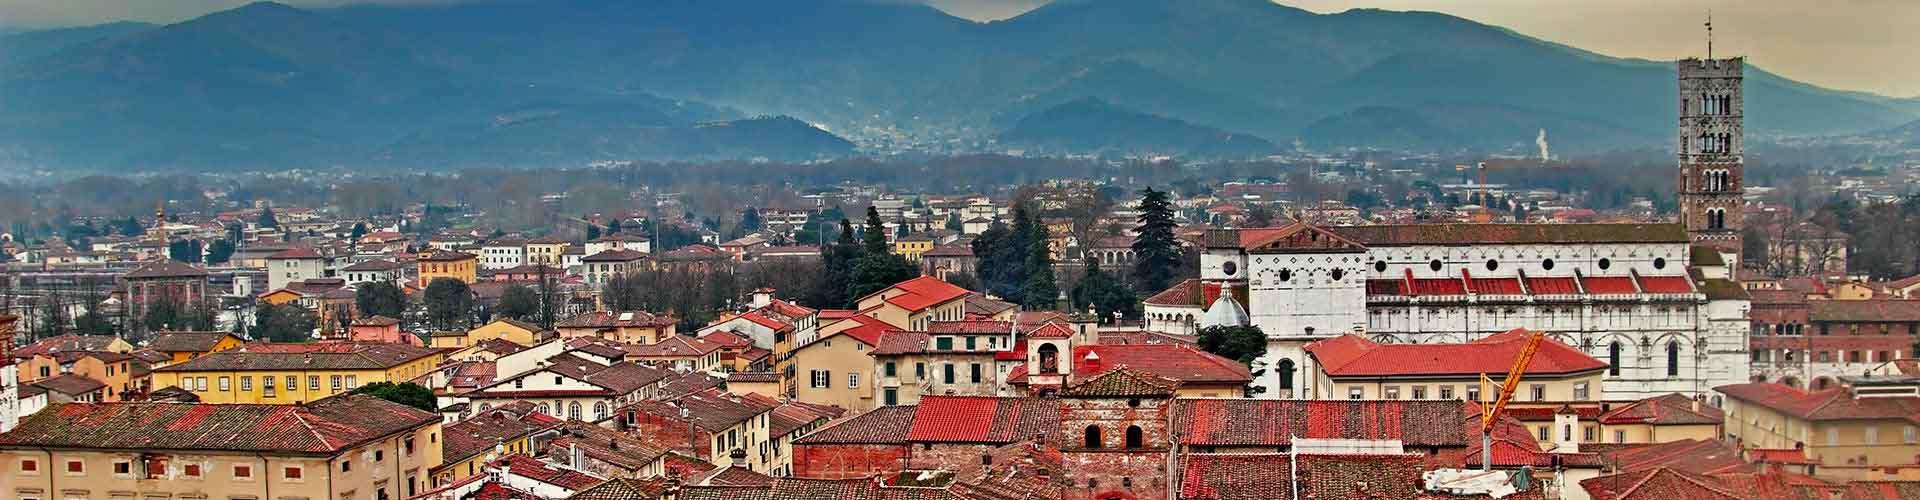 Lucca - Hostales en Lucca. Mapas de Lucca, Fotos y Comentarios para cada hostal en Lucca.